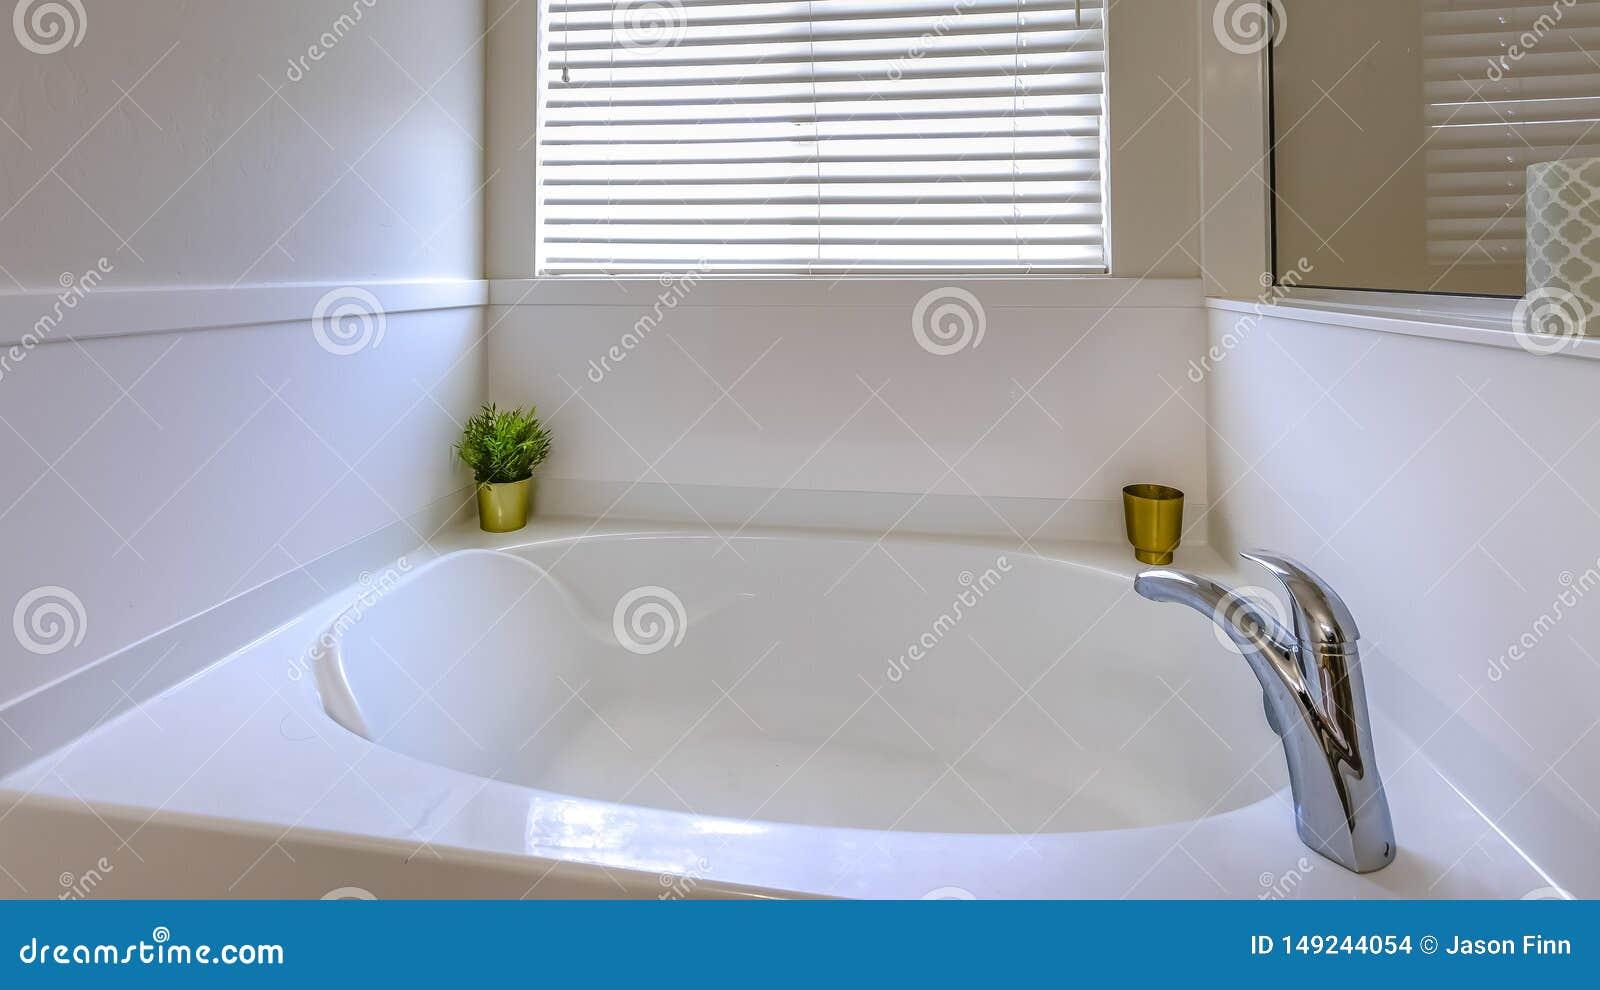 Glimma vitt badkar för panoramaram inom ett badrum med en stor spegel på väggen